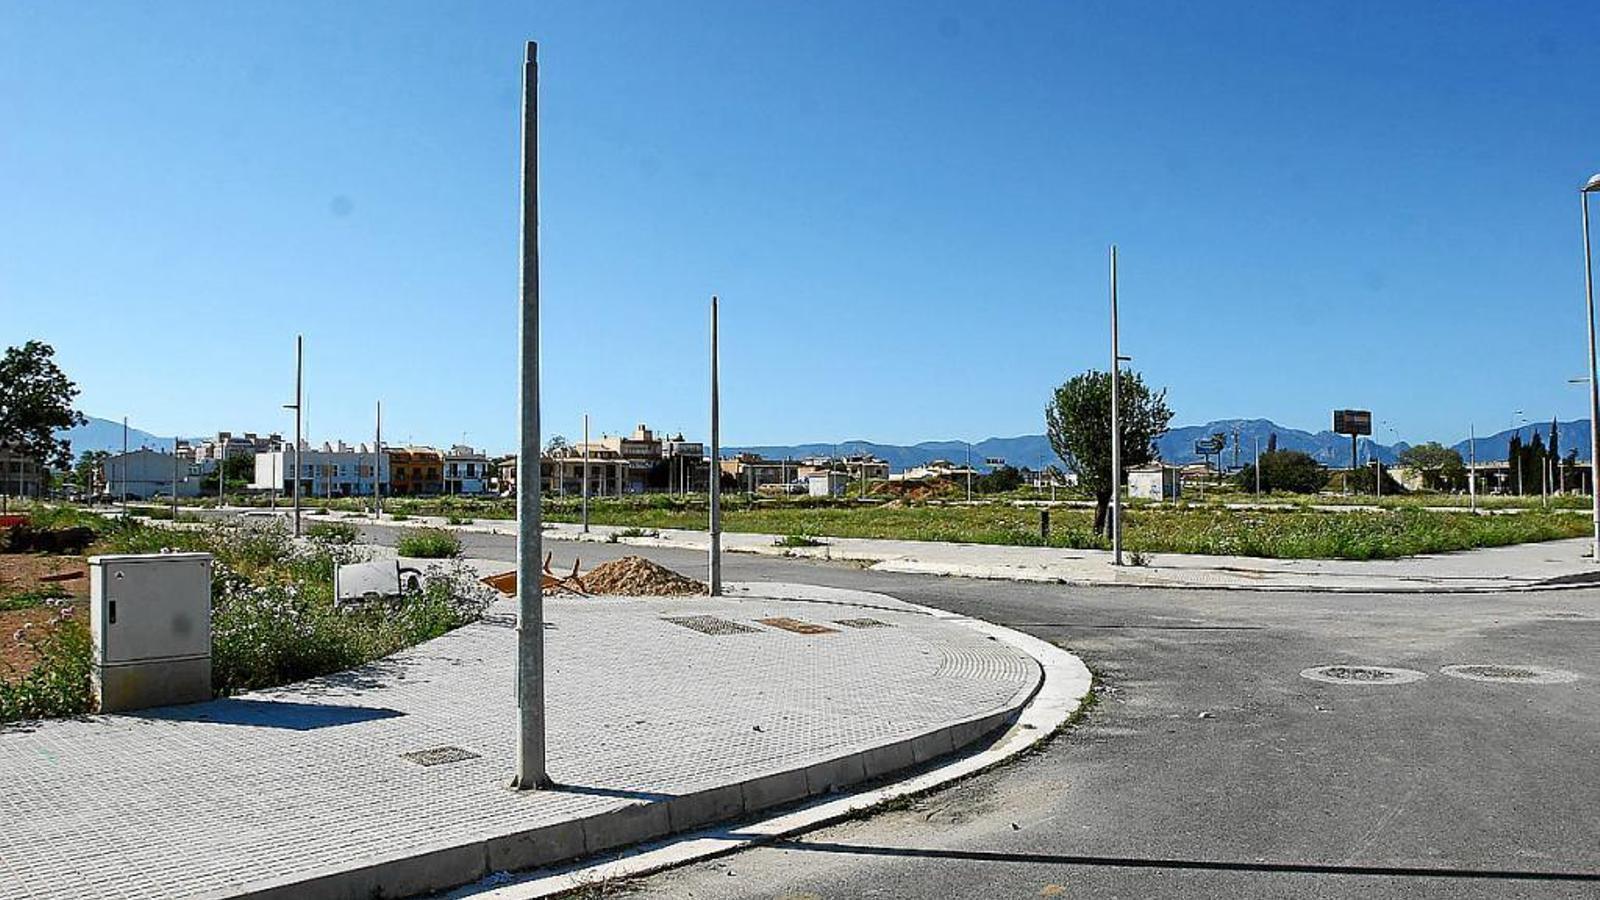 Les obres d'urbanització de Son Ferragut podrien començar en les pròximes setmanes